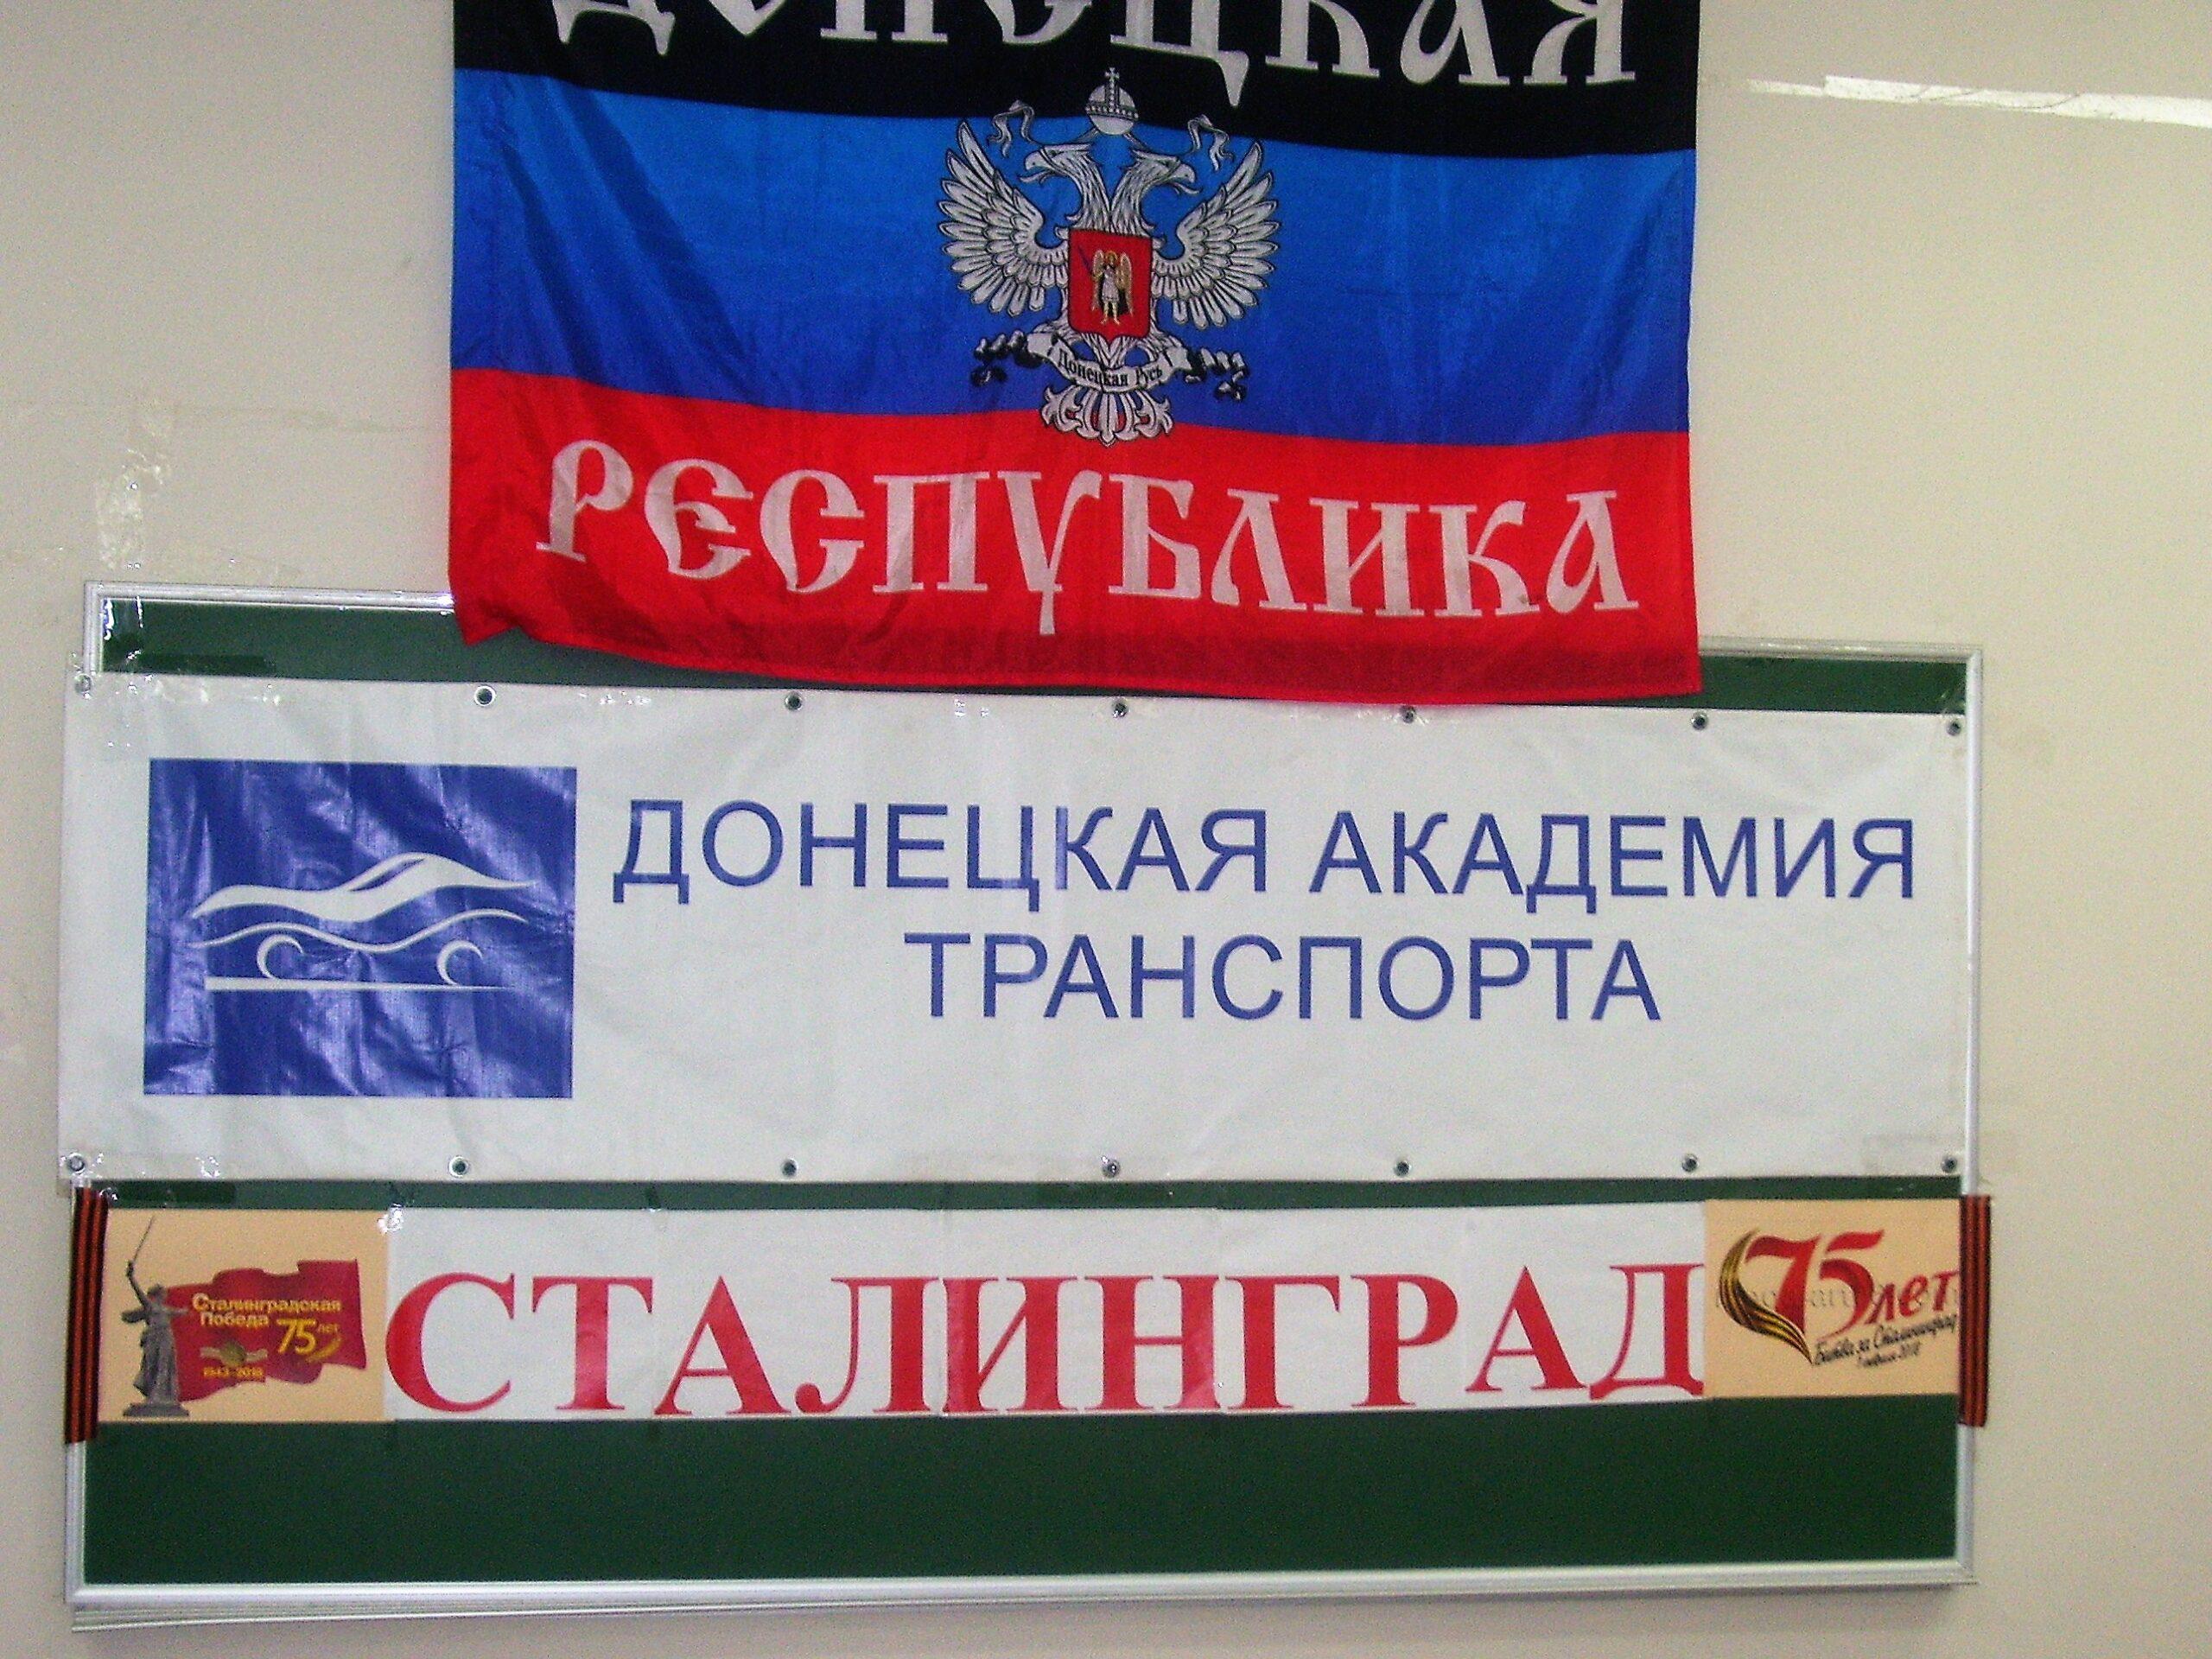 Сталинград — 200 дней мужества